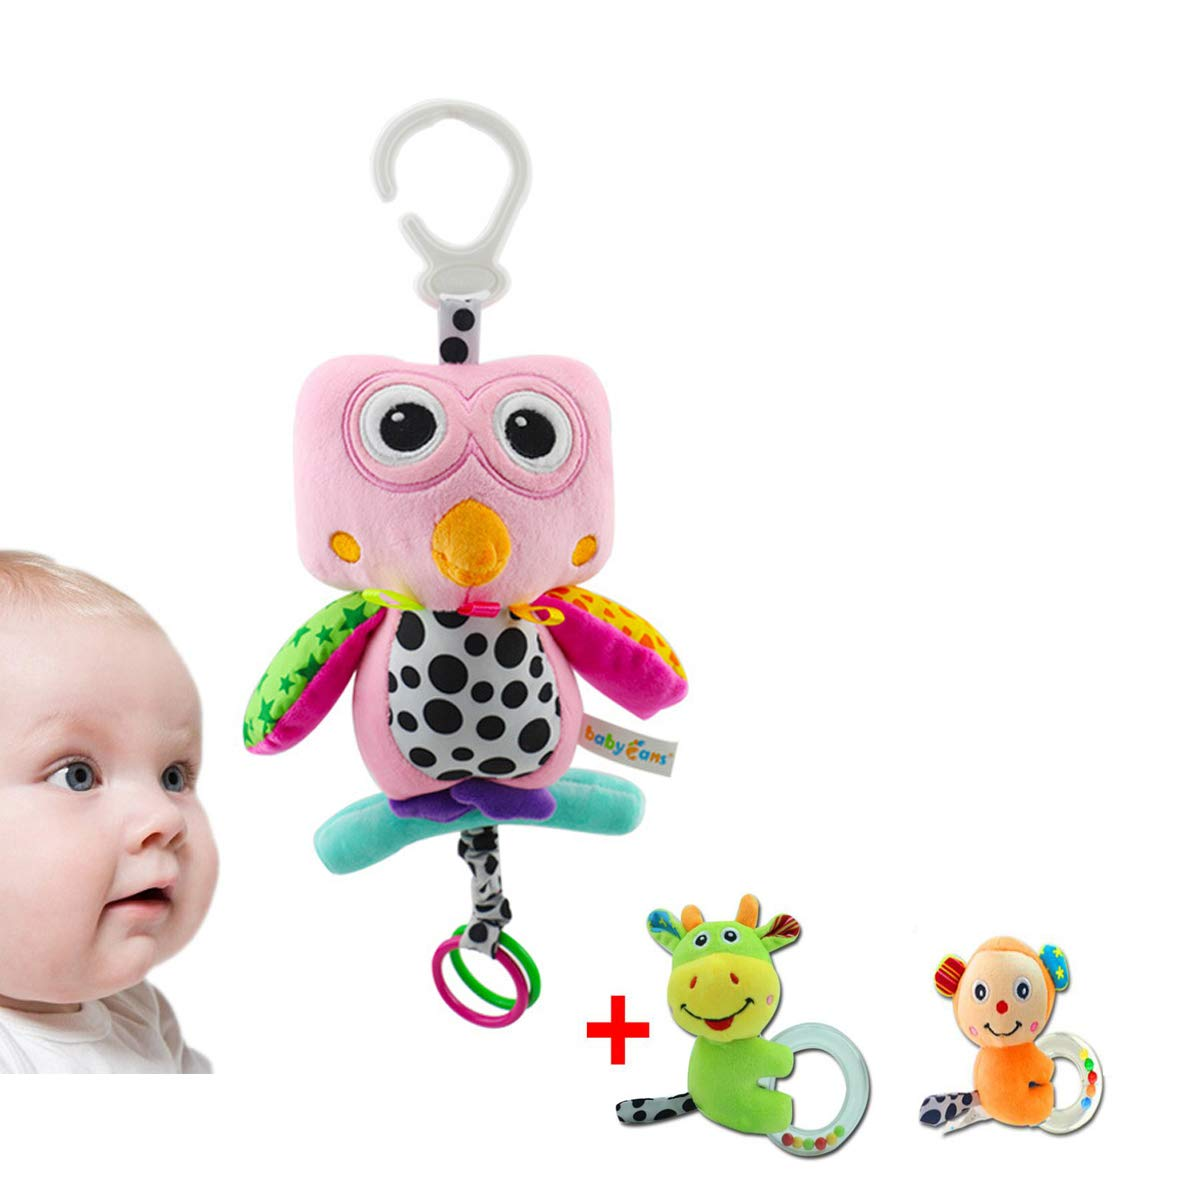 Gufo Appeso Bambola Sonaglio, Appeso Bambola per Bambini con Musica, CE Certified